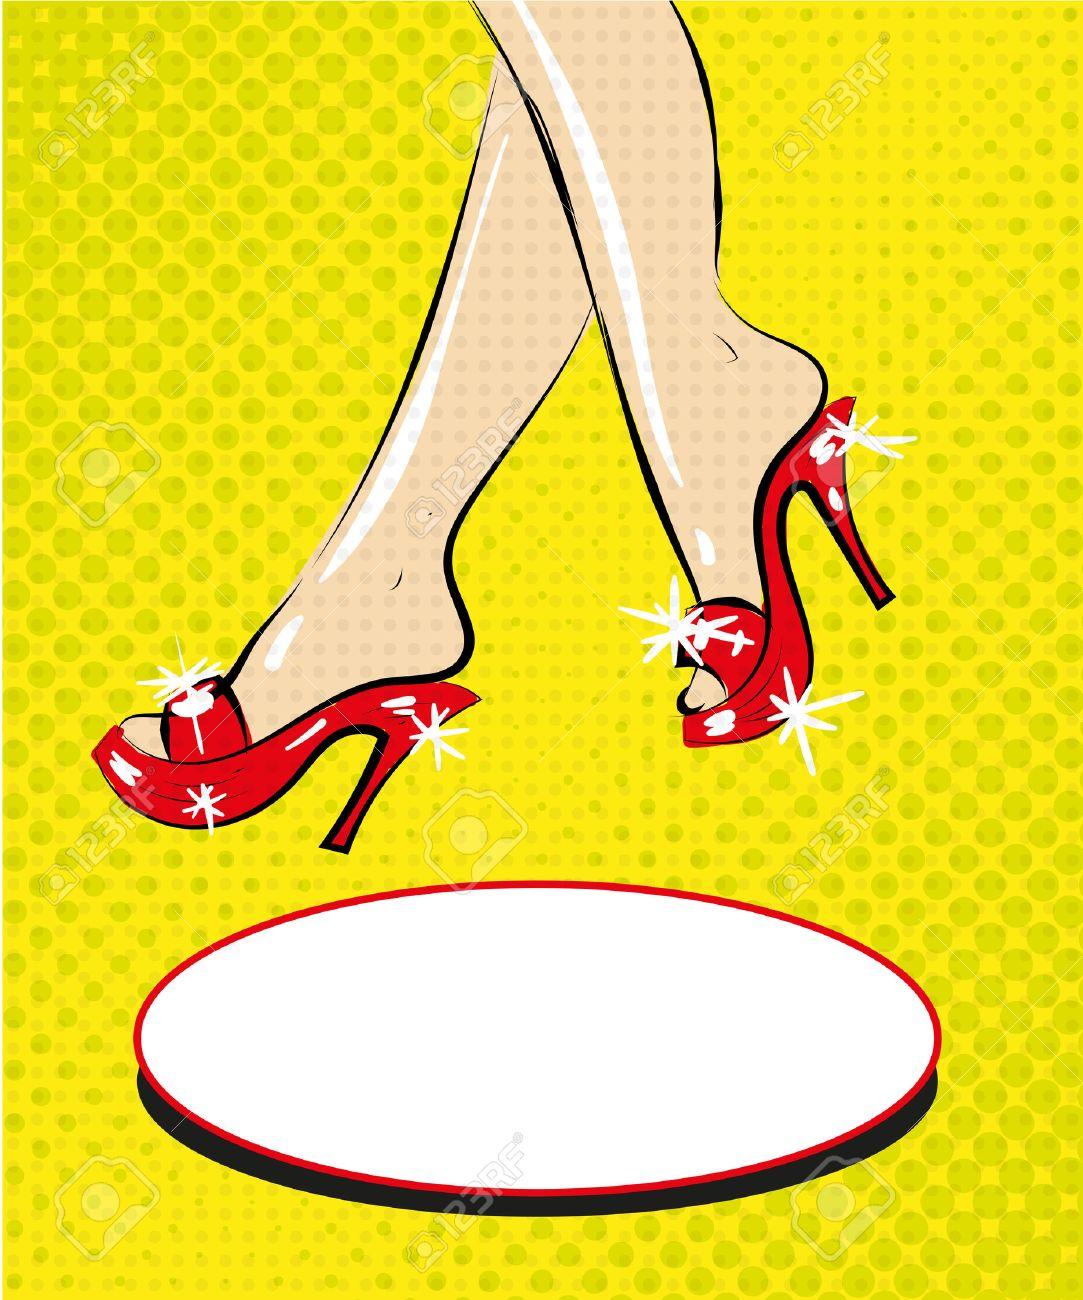 Cómic Los De Zapatos En Piernas Talones Mujer La Art Pop Moda Rojos xrCeodBW